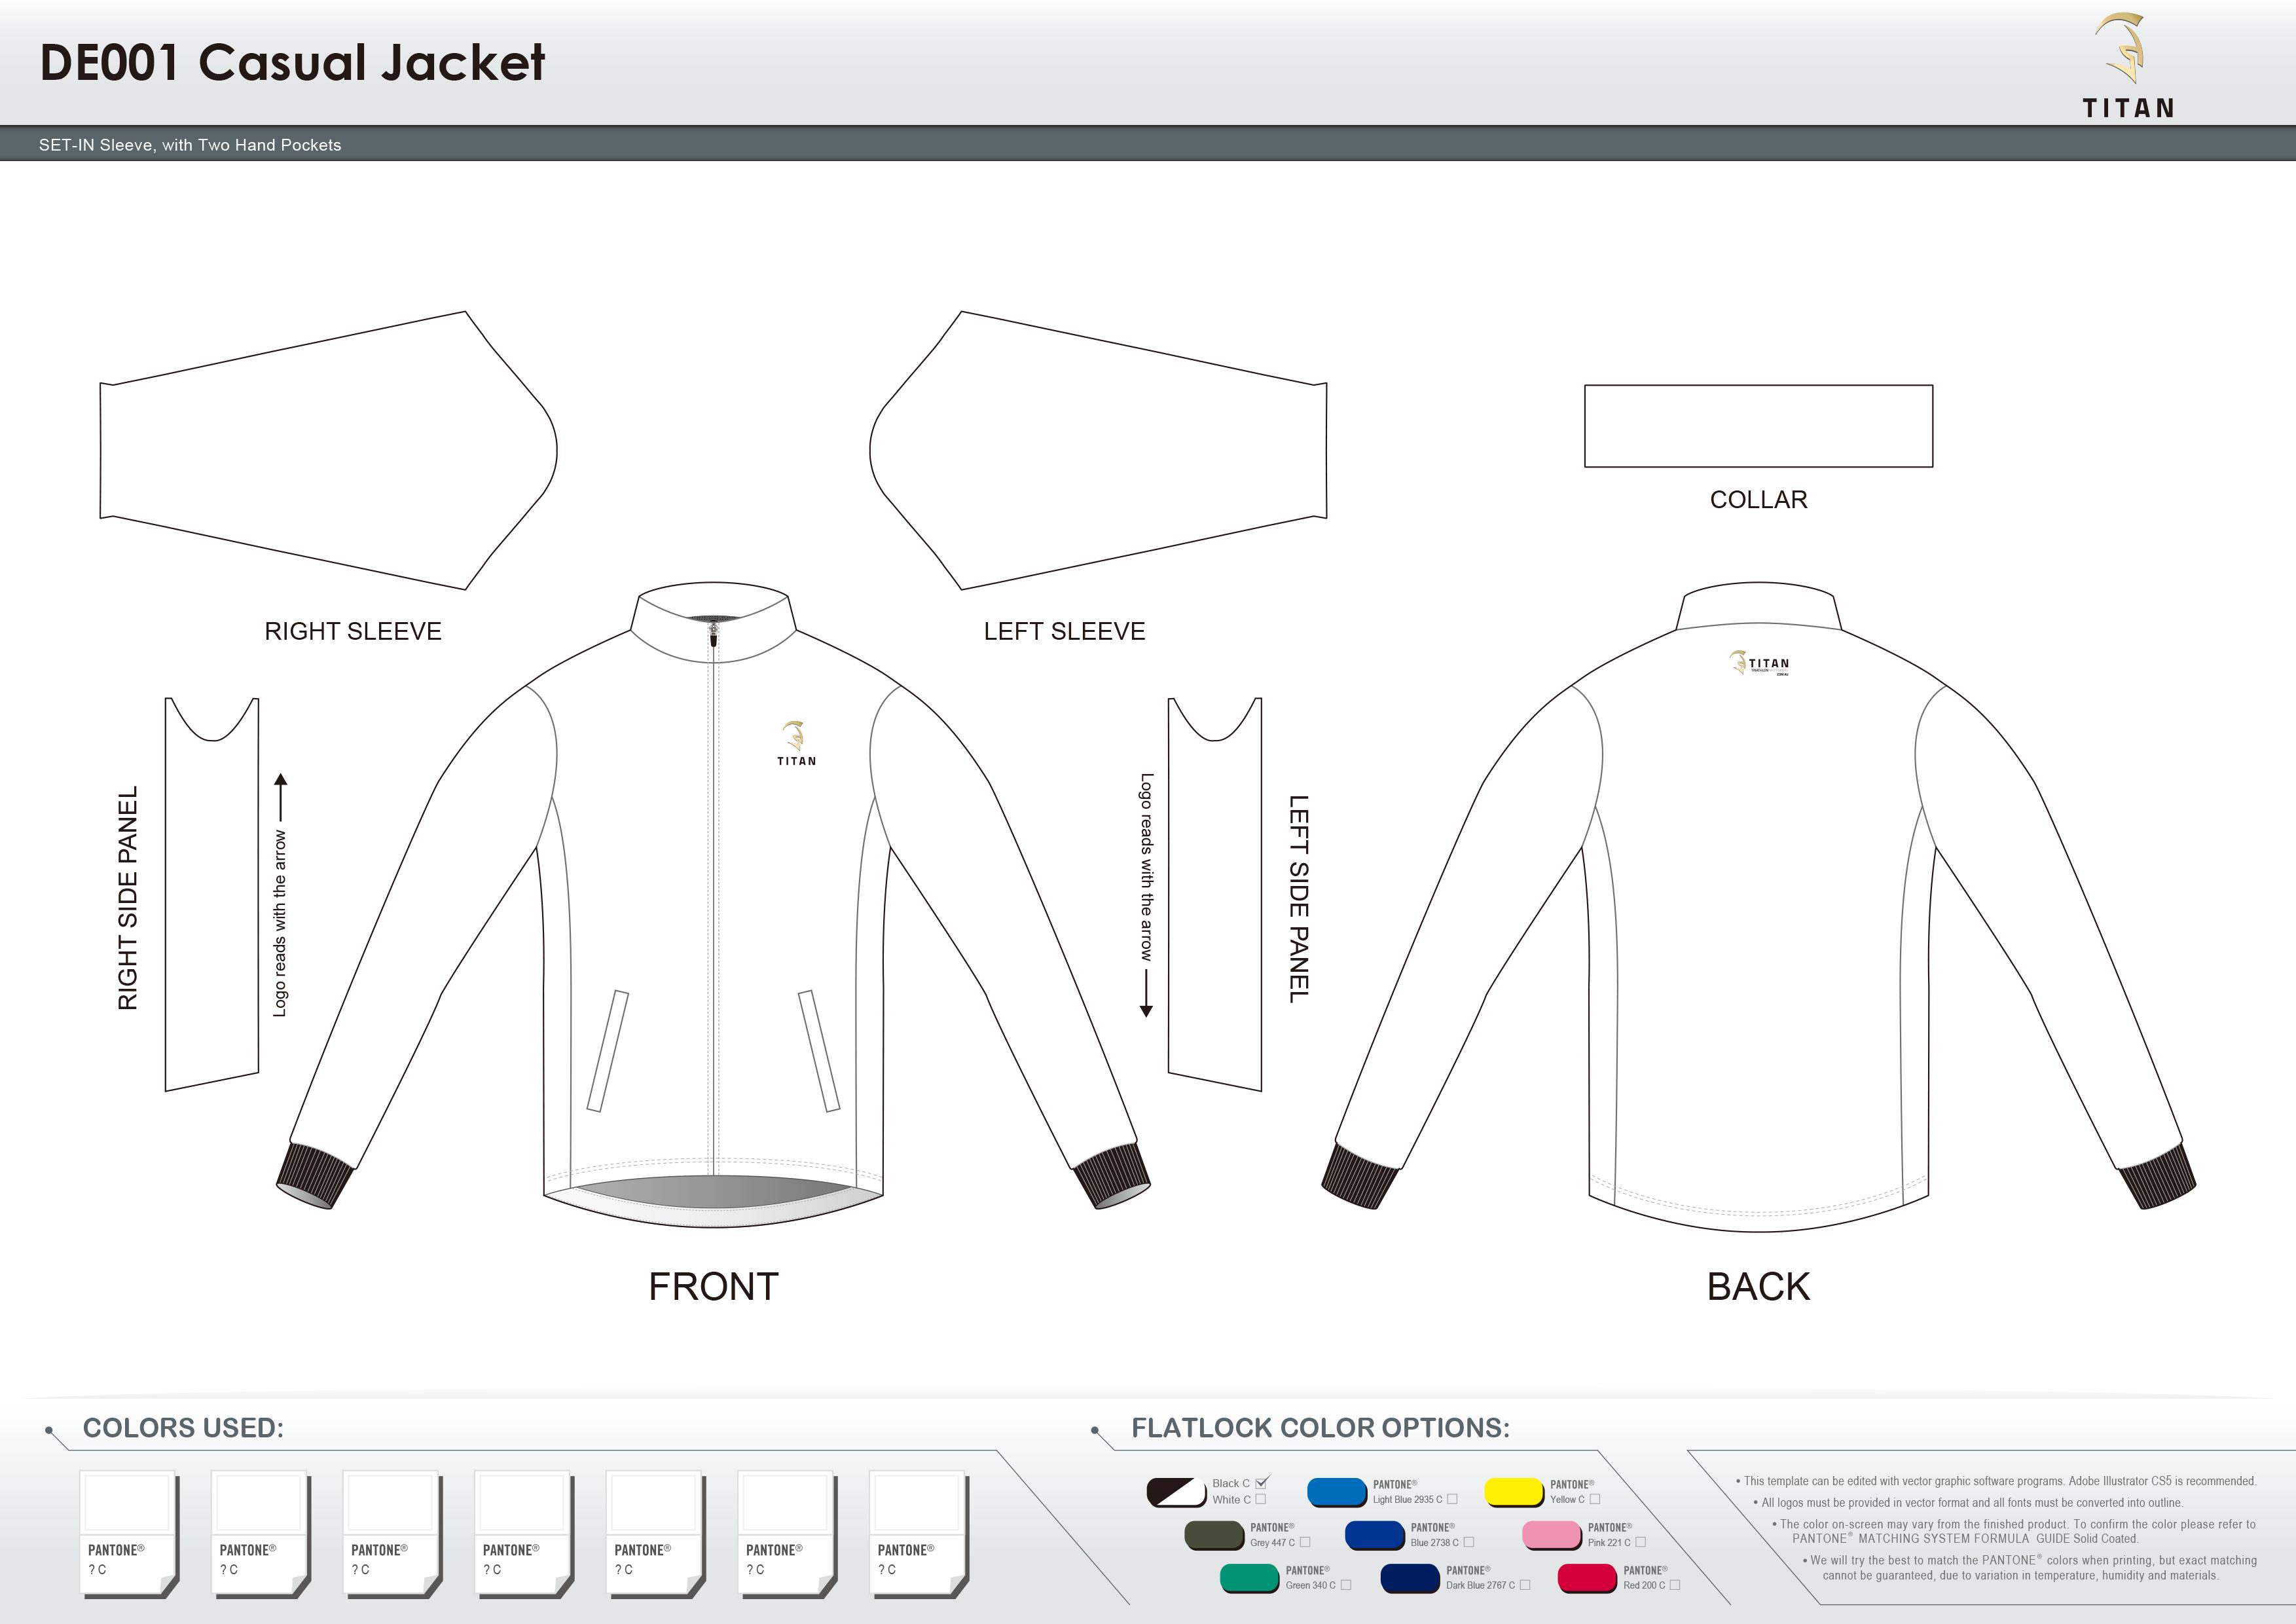 DE001 Casual Jacket